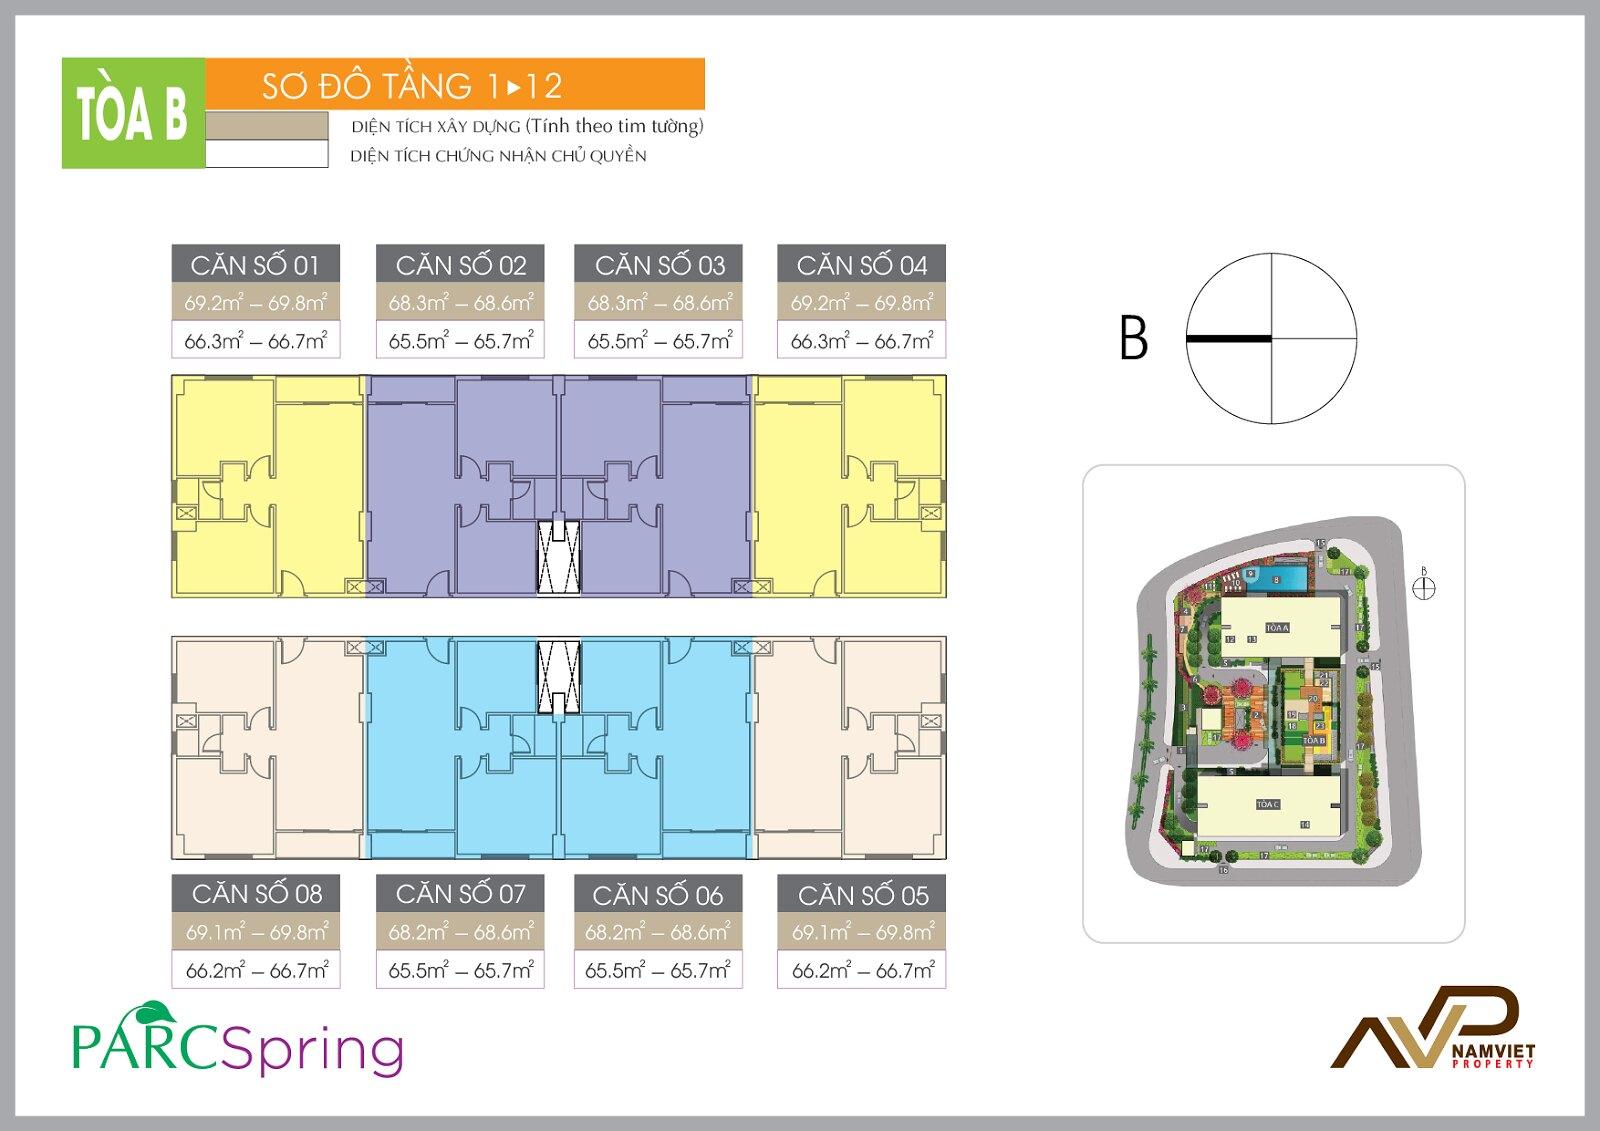 Sơ đồ tầng 1-12 Block B